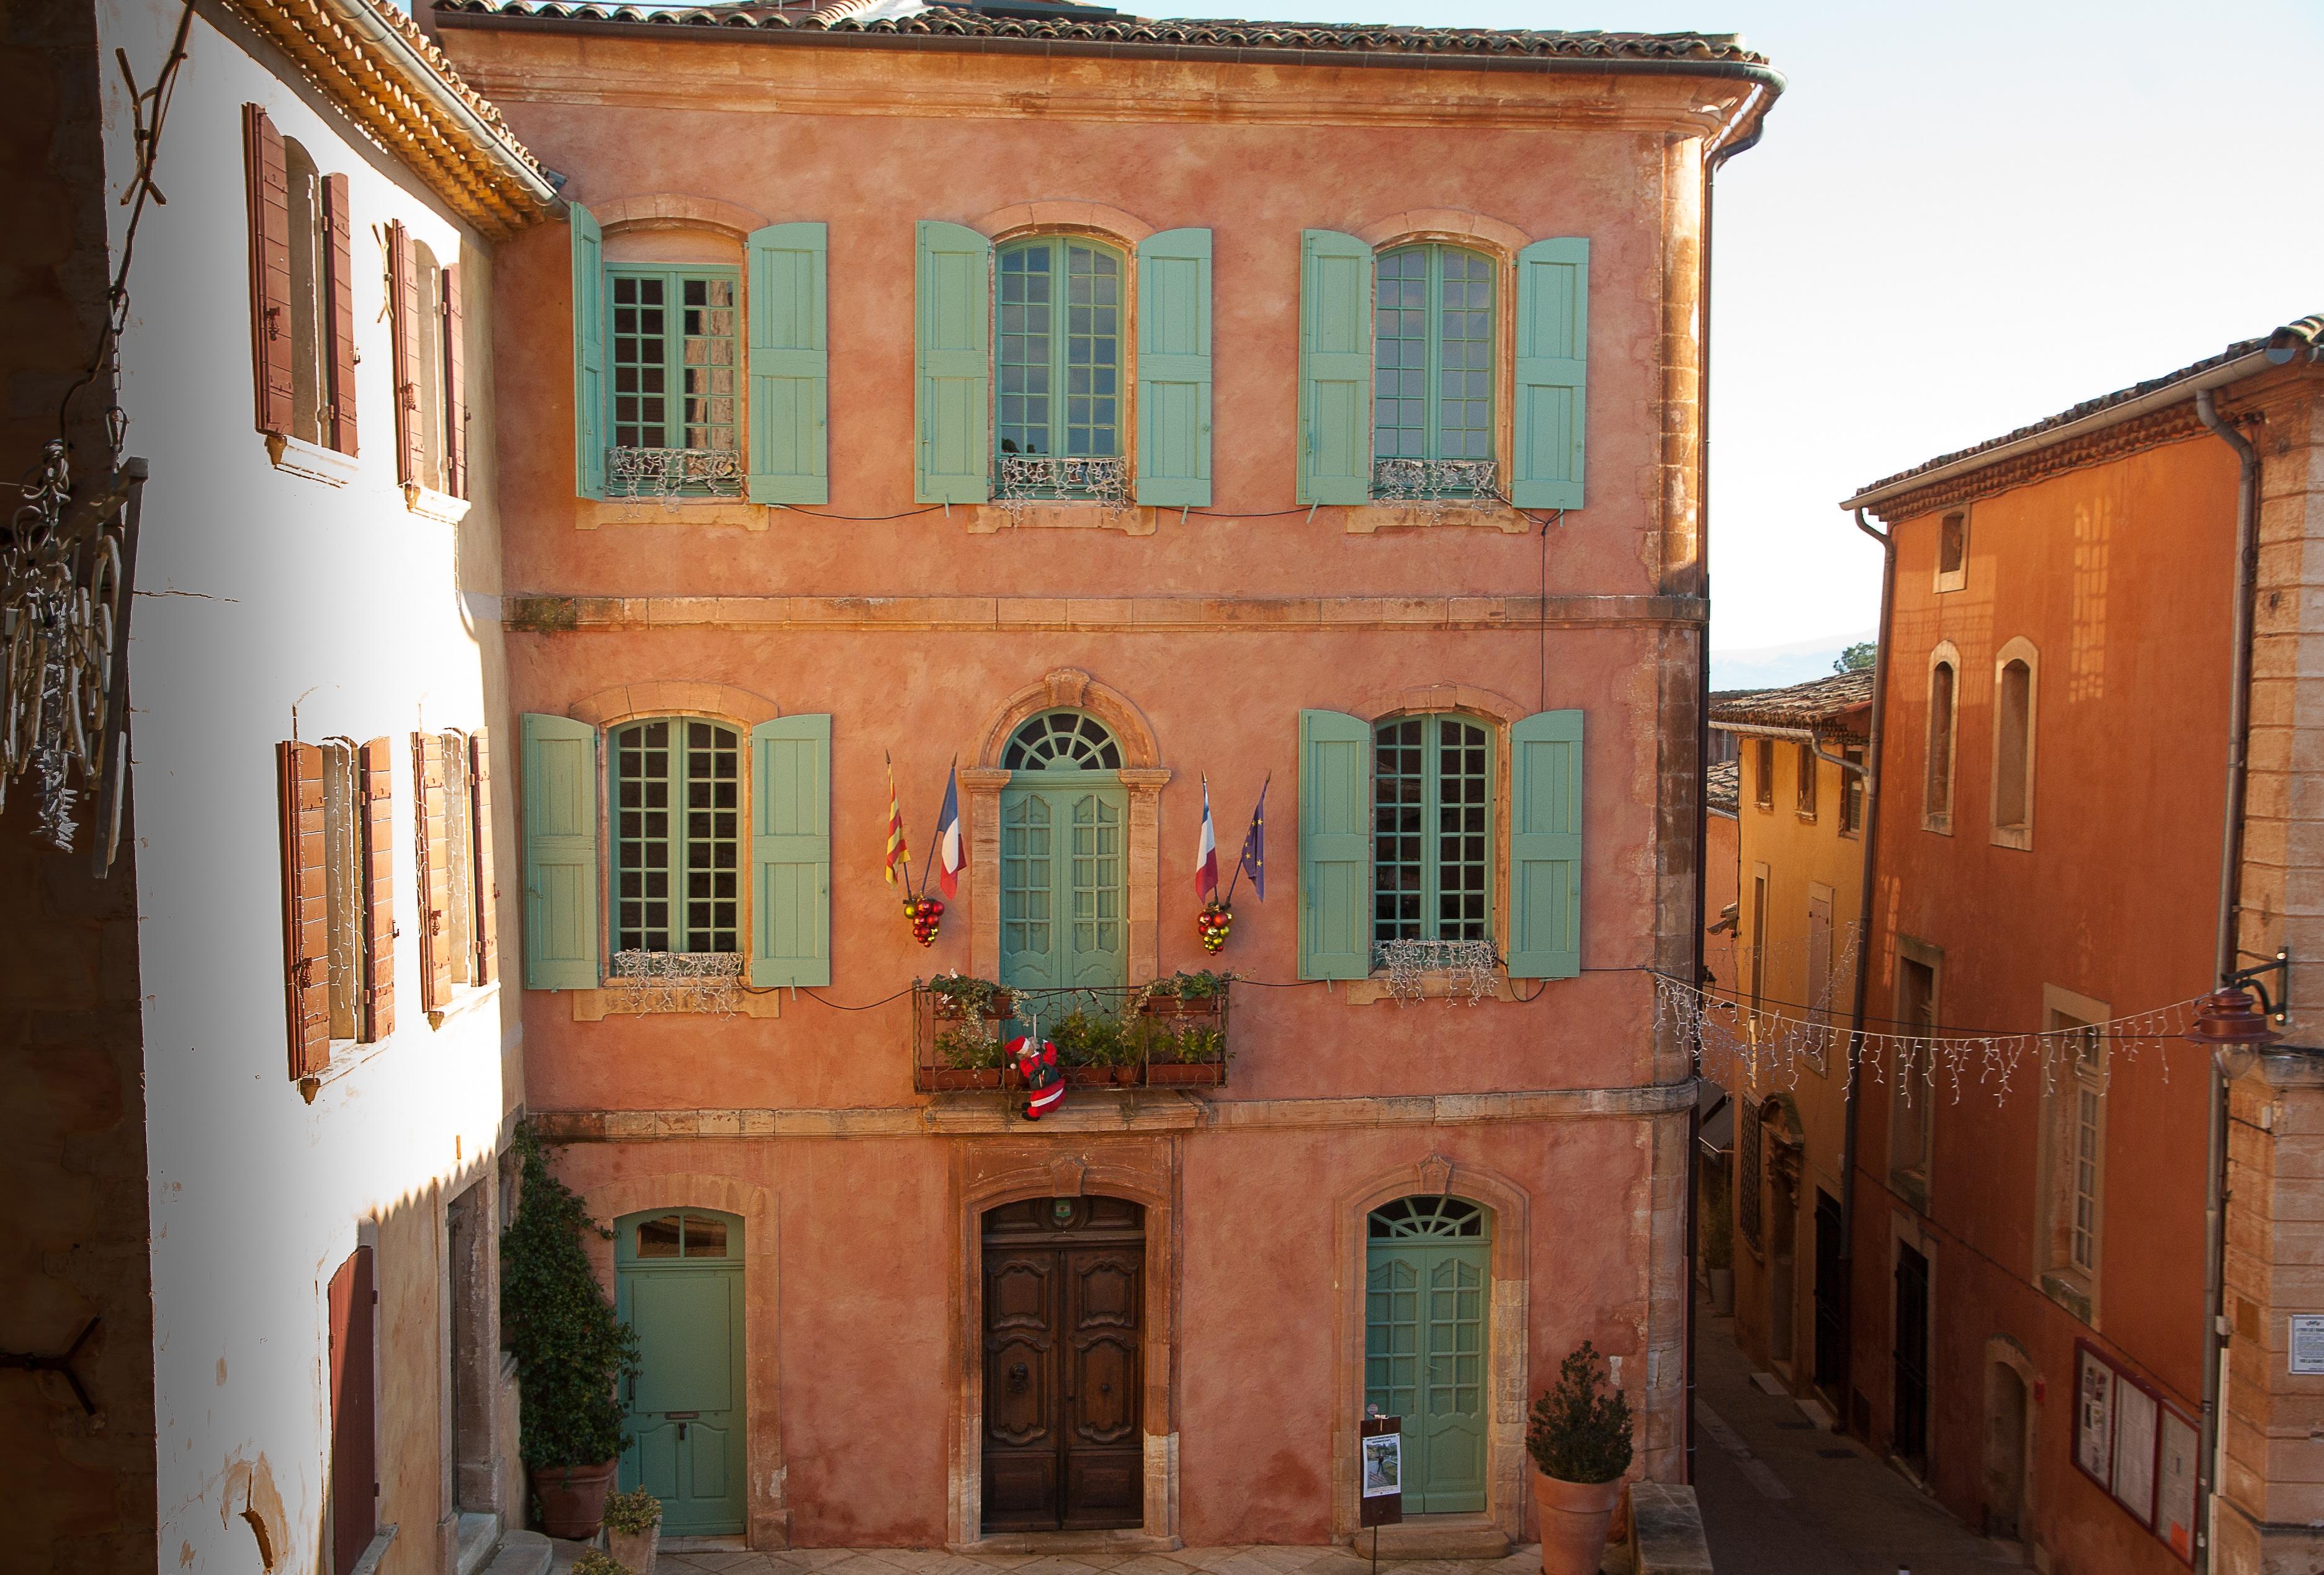 Sehr Images Gratuites : architecture, bois, maison, fenêtre, ville  VB05